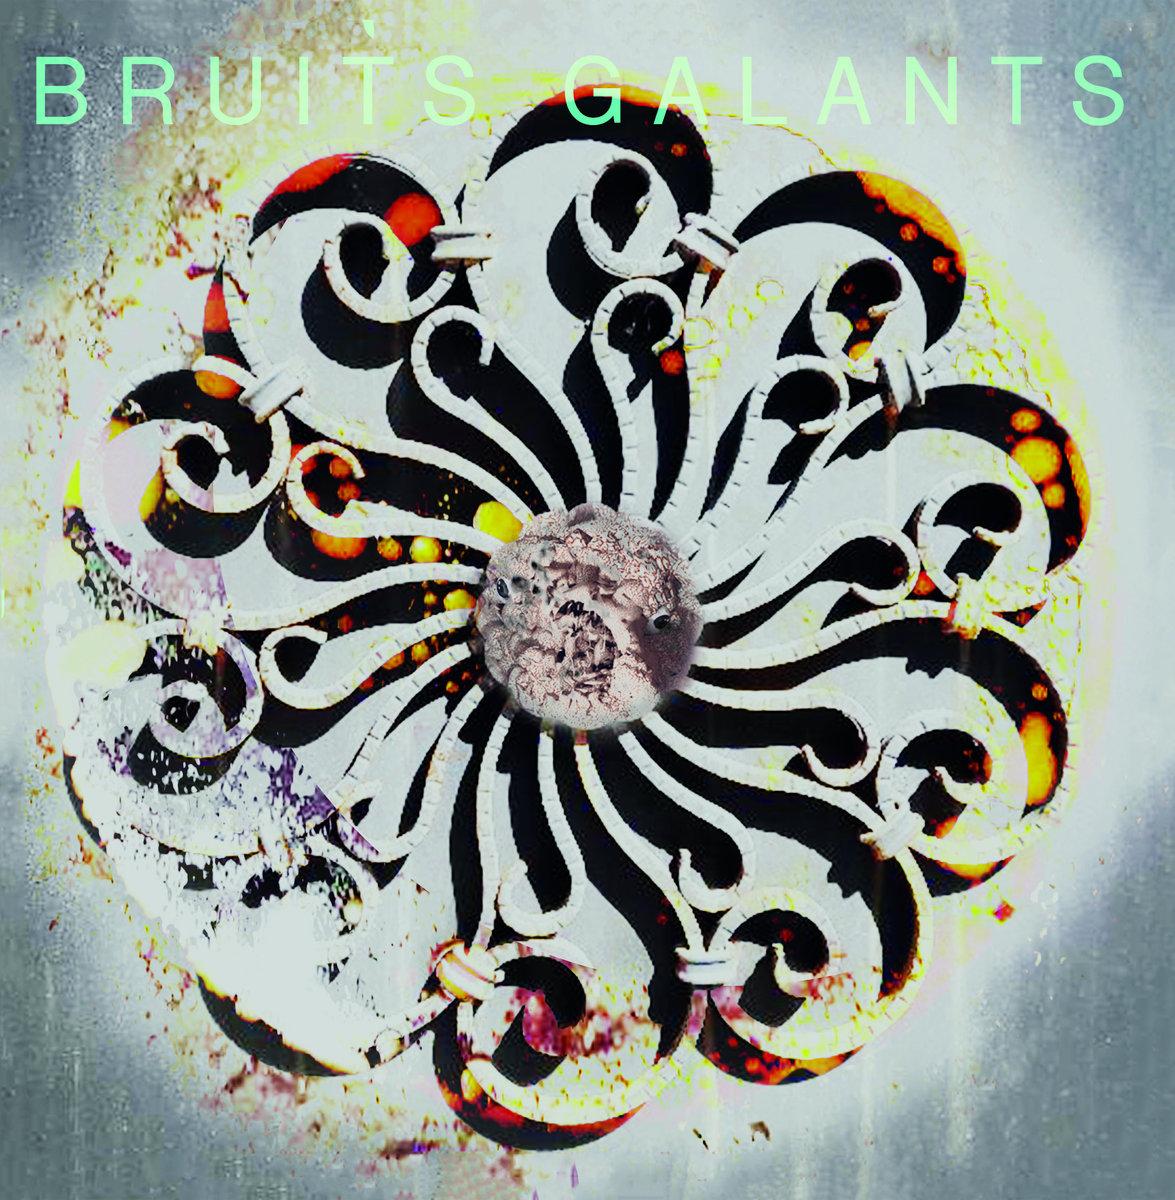 BRUITS GALANTS